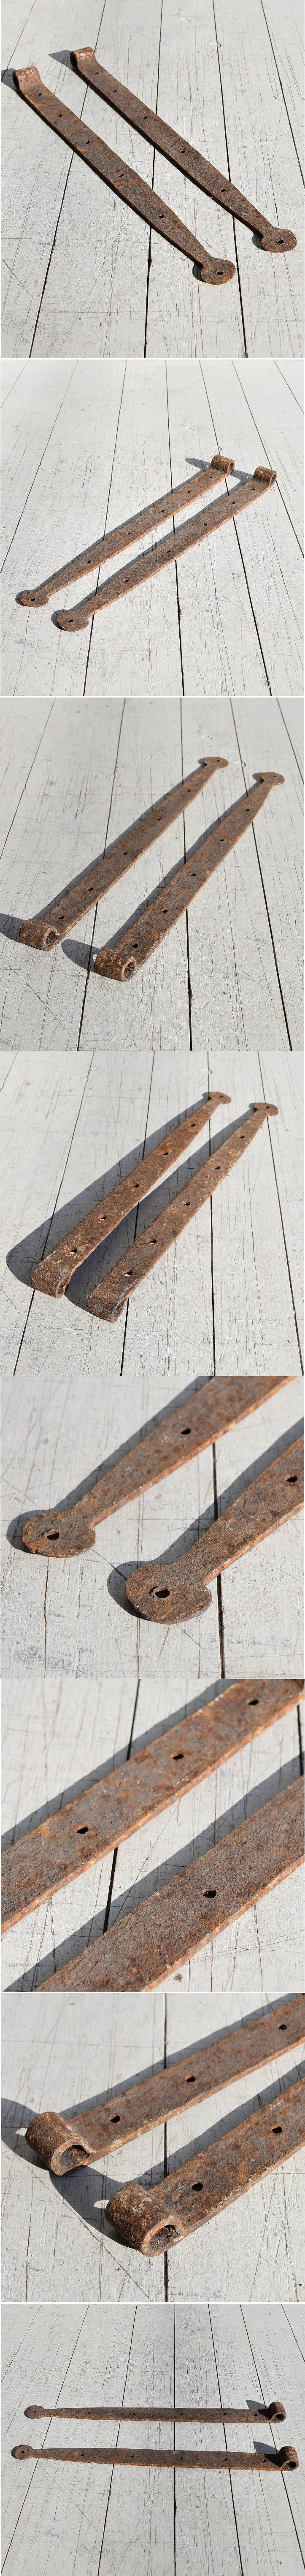 イギリス アンティーク 鉄製ヒンジ 建具金物 7850